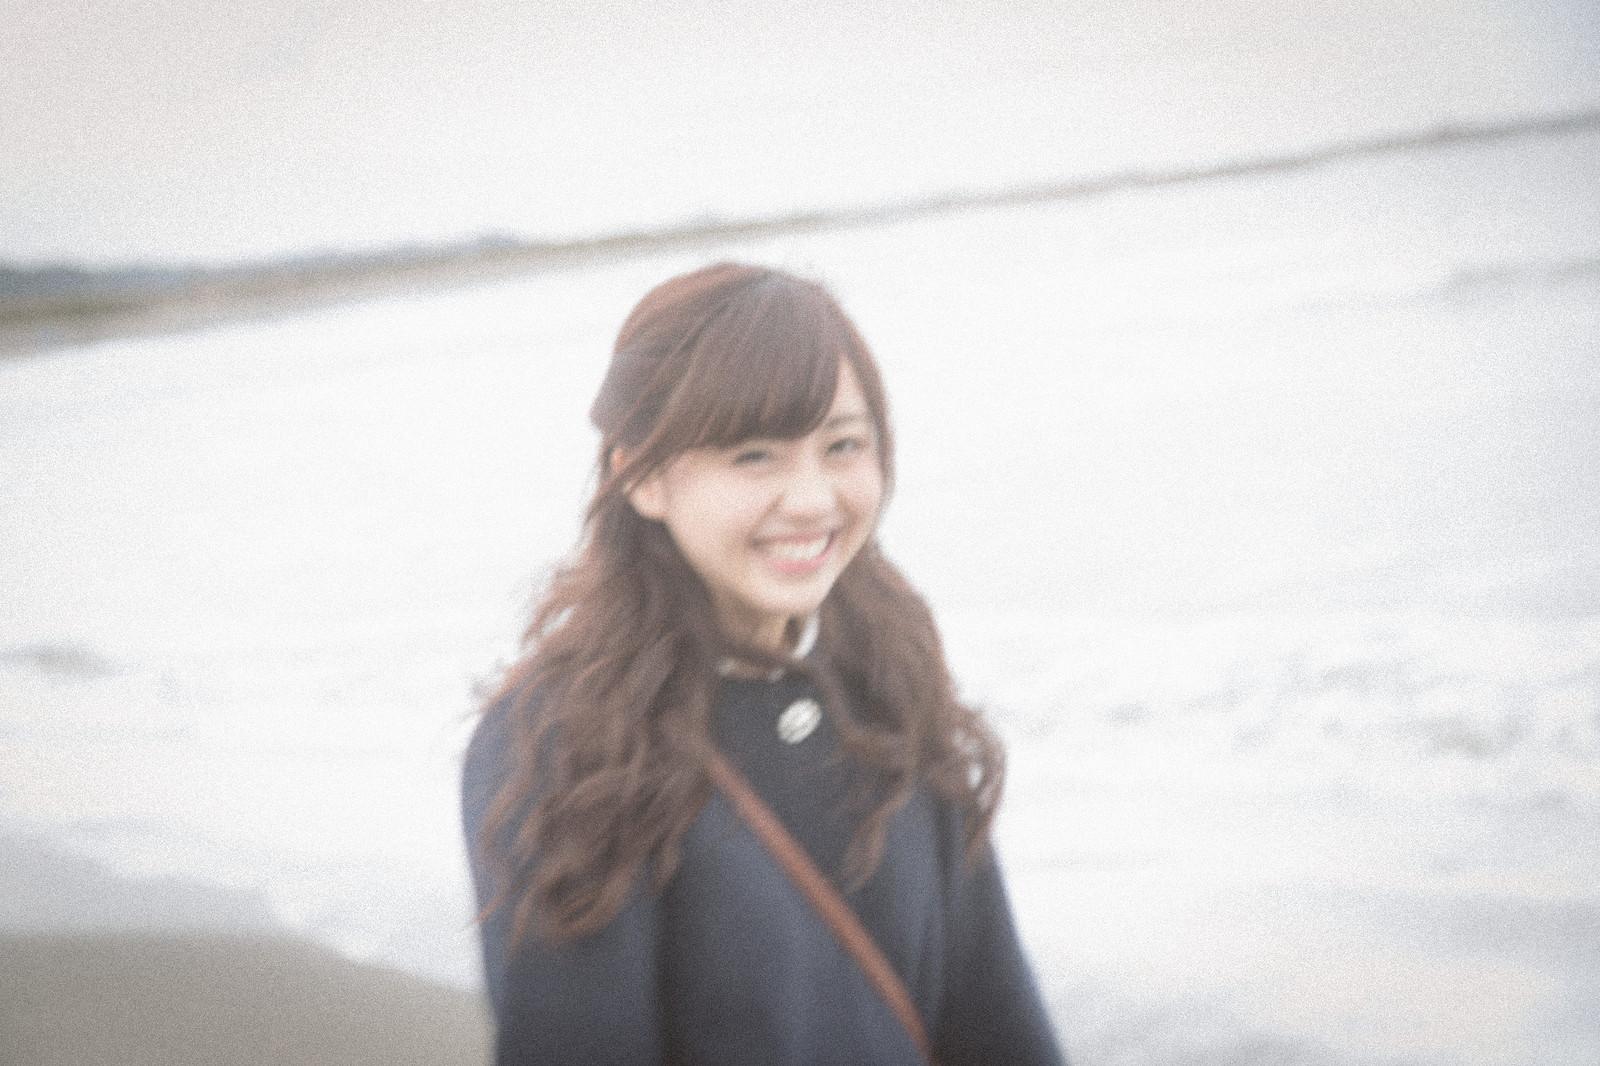 仙道敦子 美人